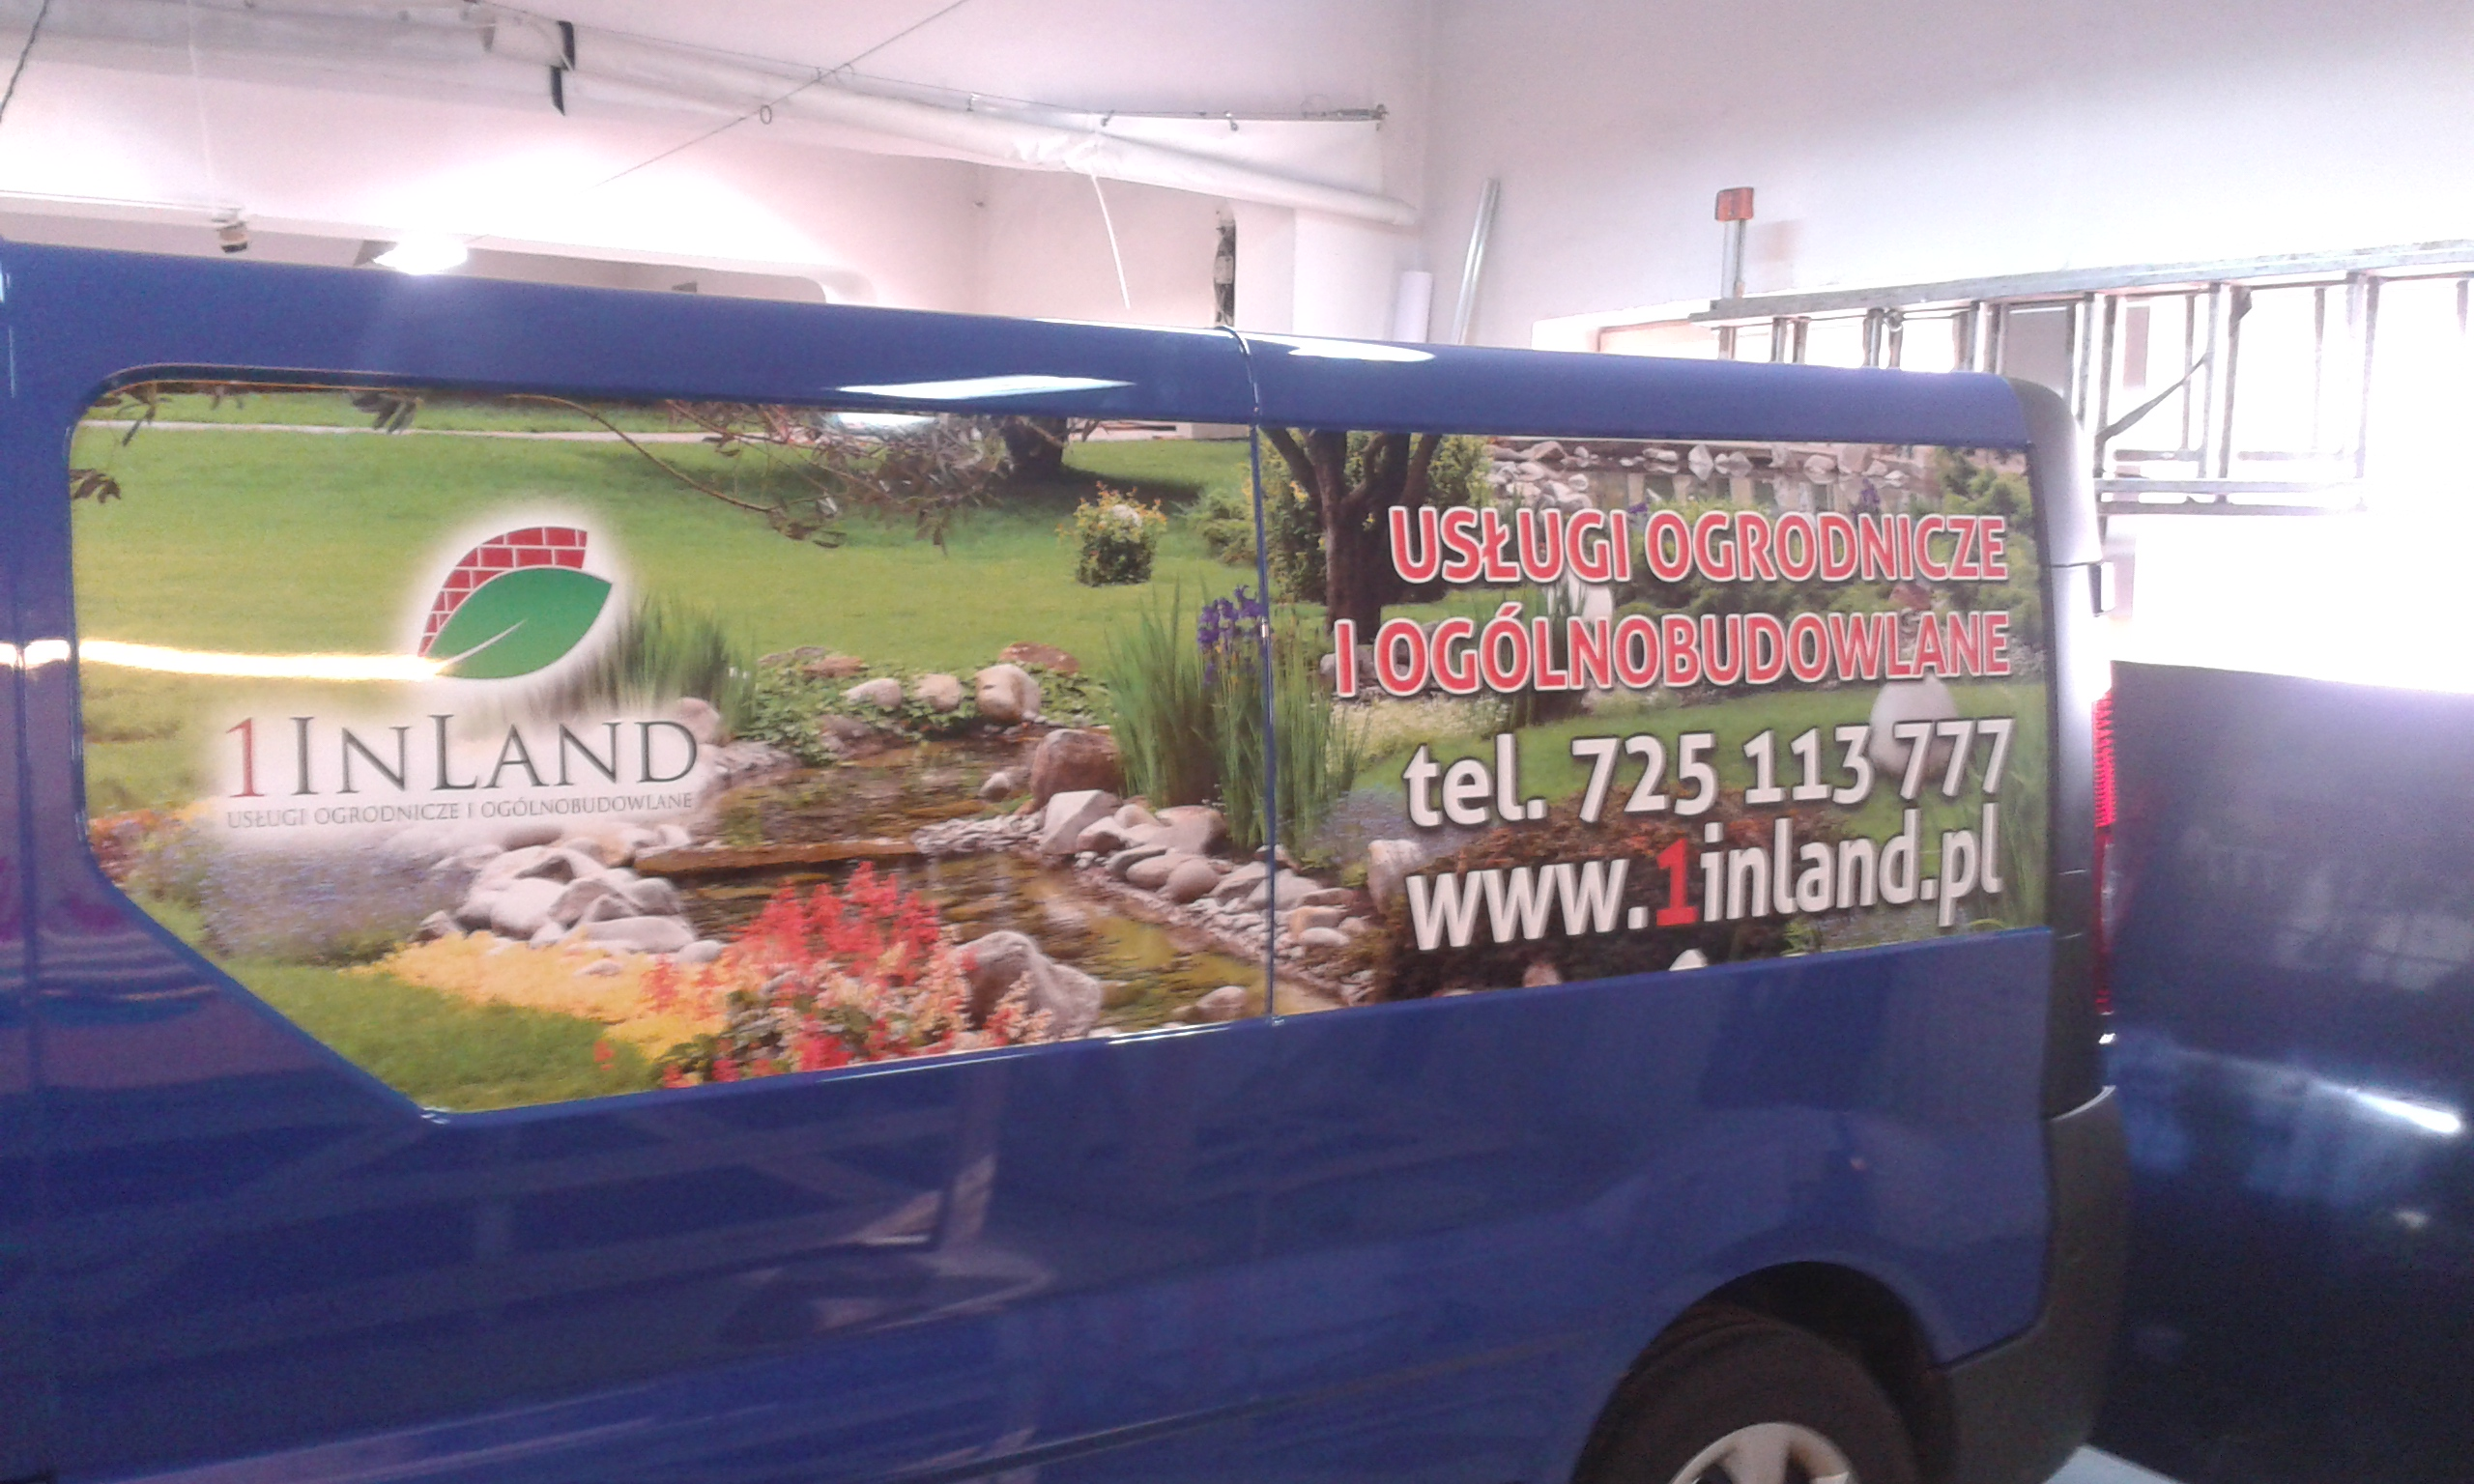 Reklama na samochodach – Da Grasso, Fundusz Regionu Wałbrzyskiego, 1InLand